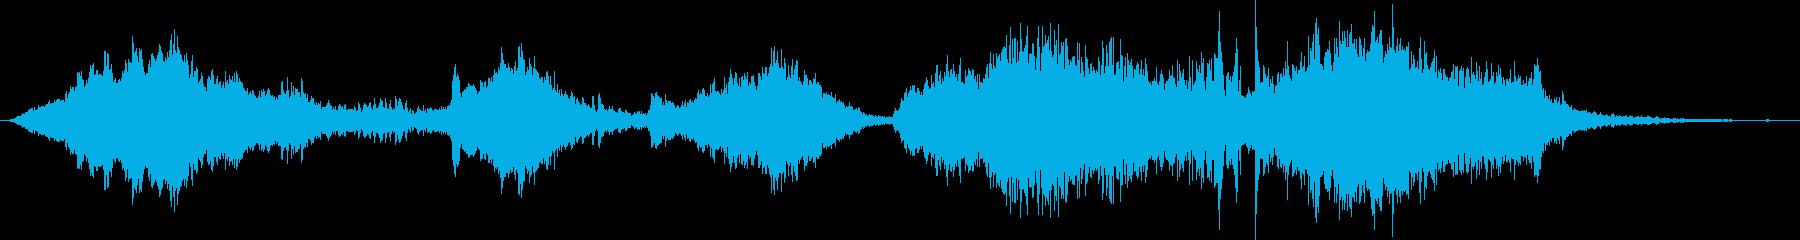 空気のような軽快な弦とストリングパ...の再生済みの波形